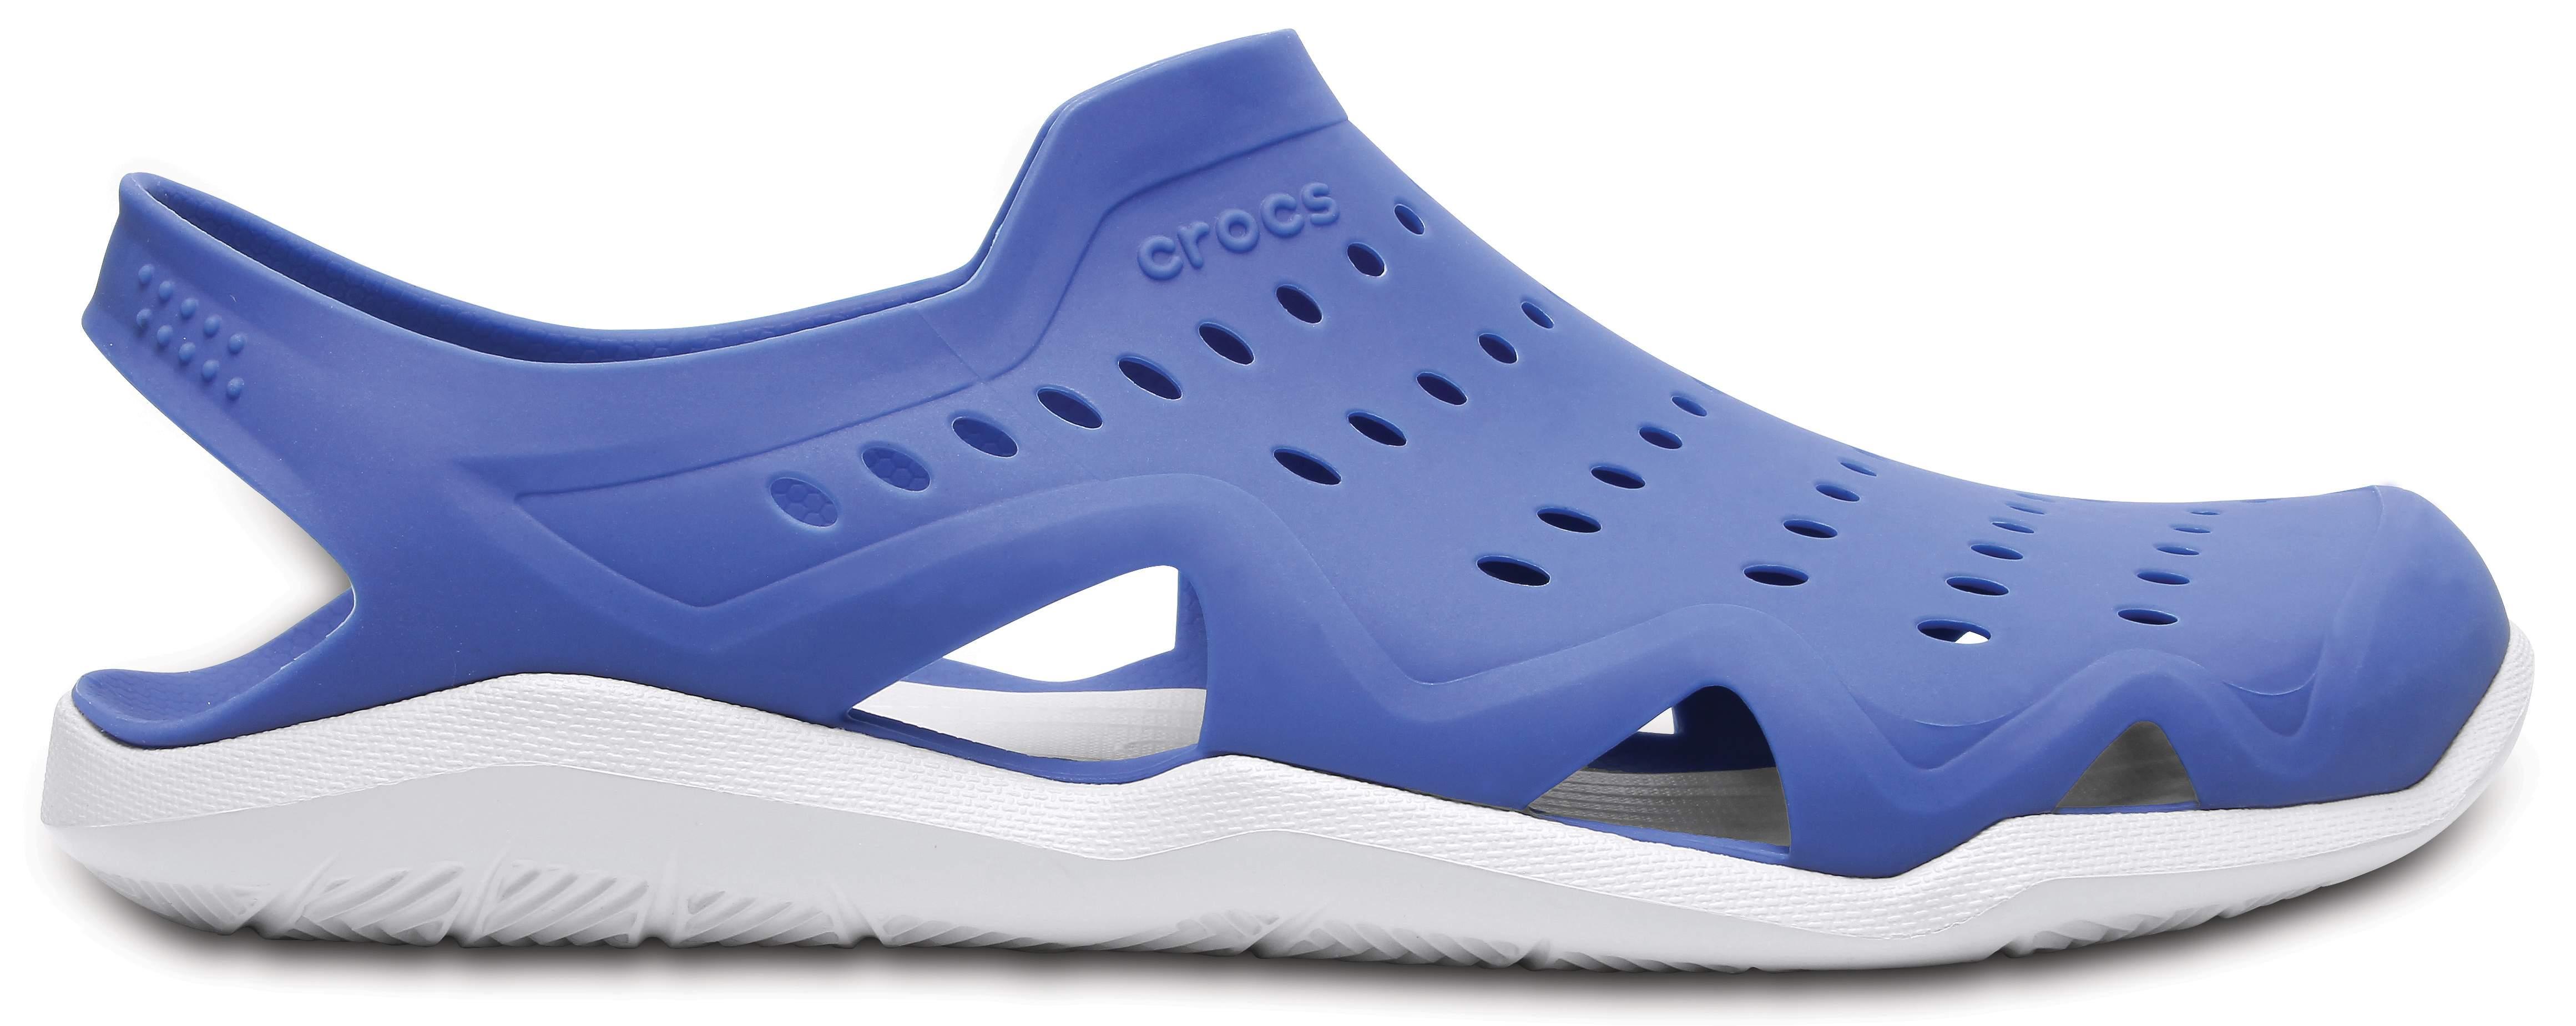 Crocs Men's Swiftwater Wave Croslite Waterproof Sandal Blue Jean/Pearl White-Blue-8 Size 8